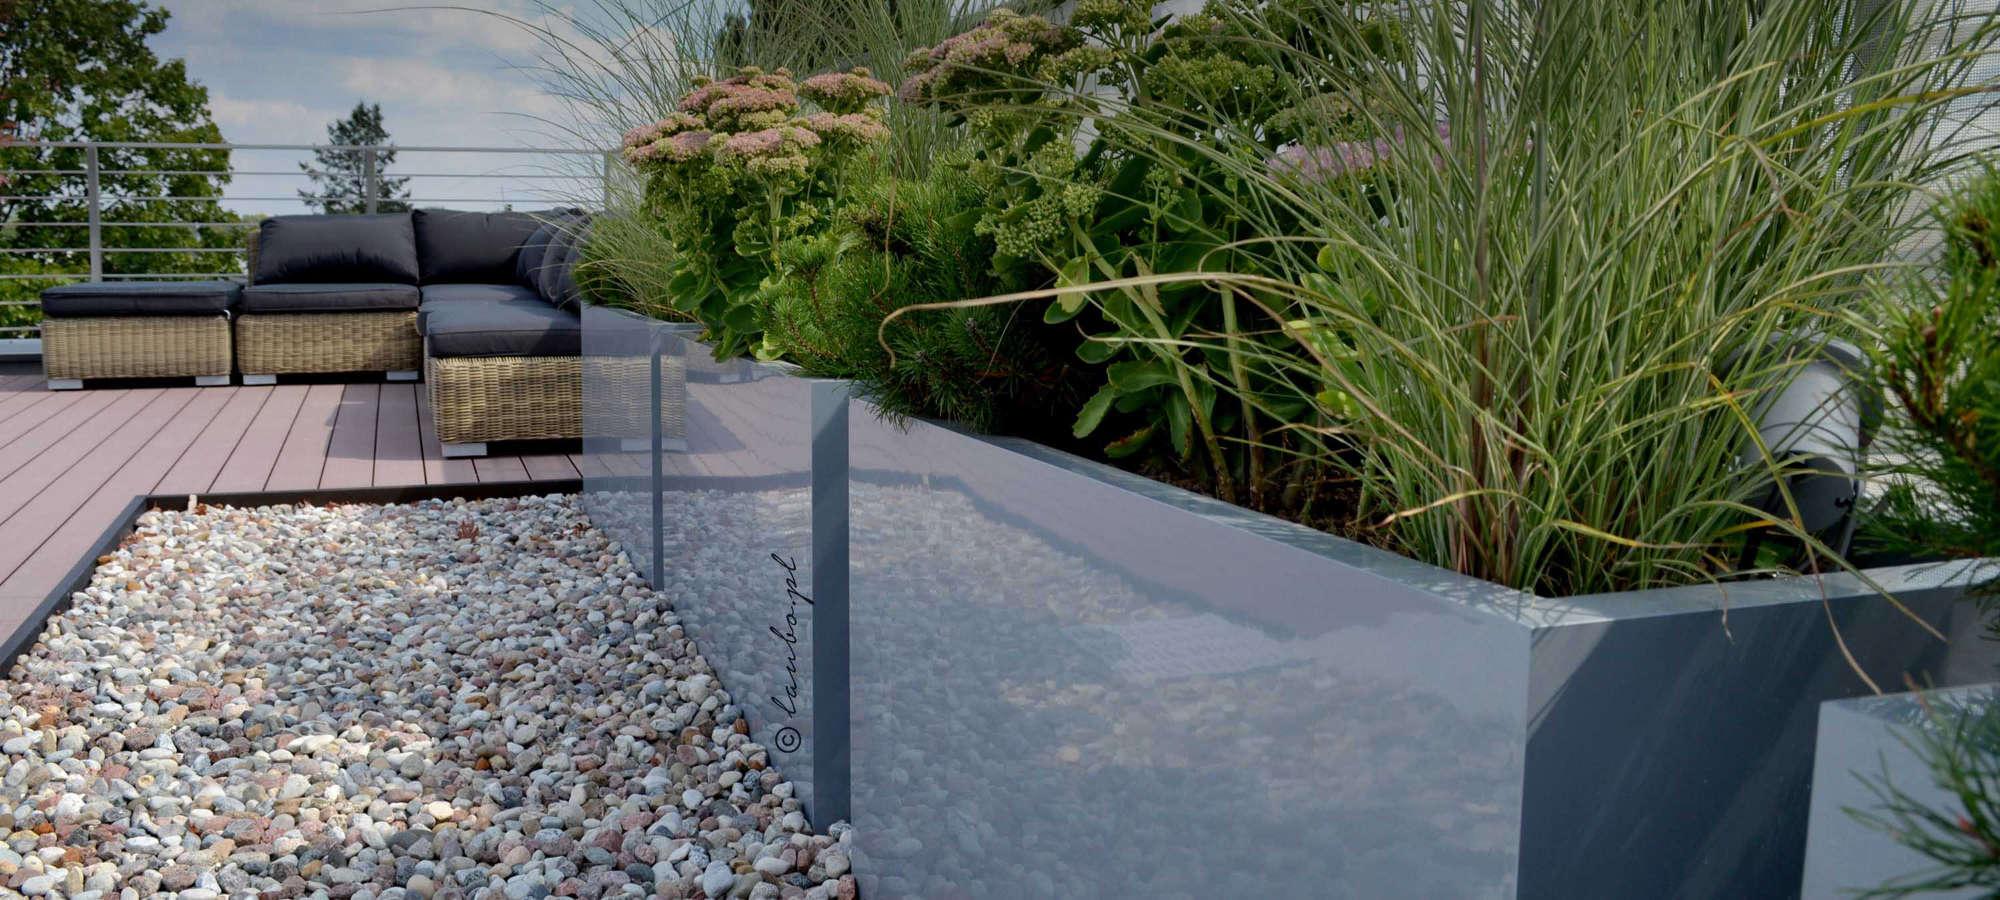 Terrace planters